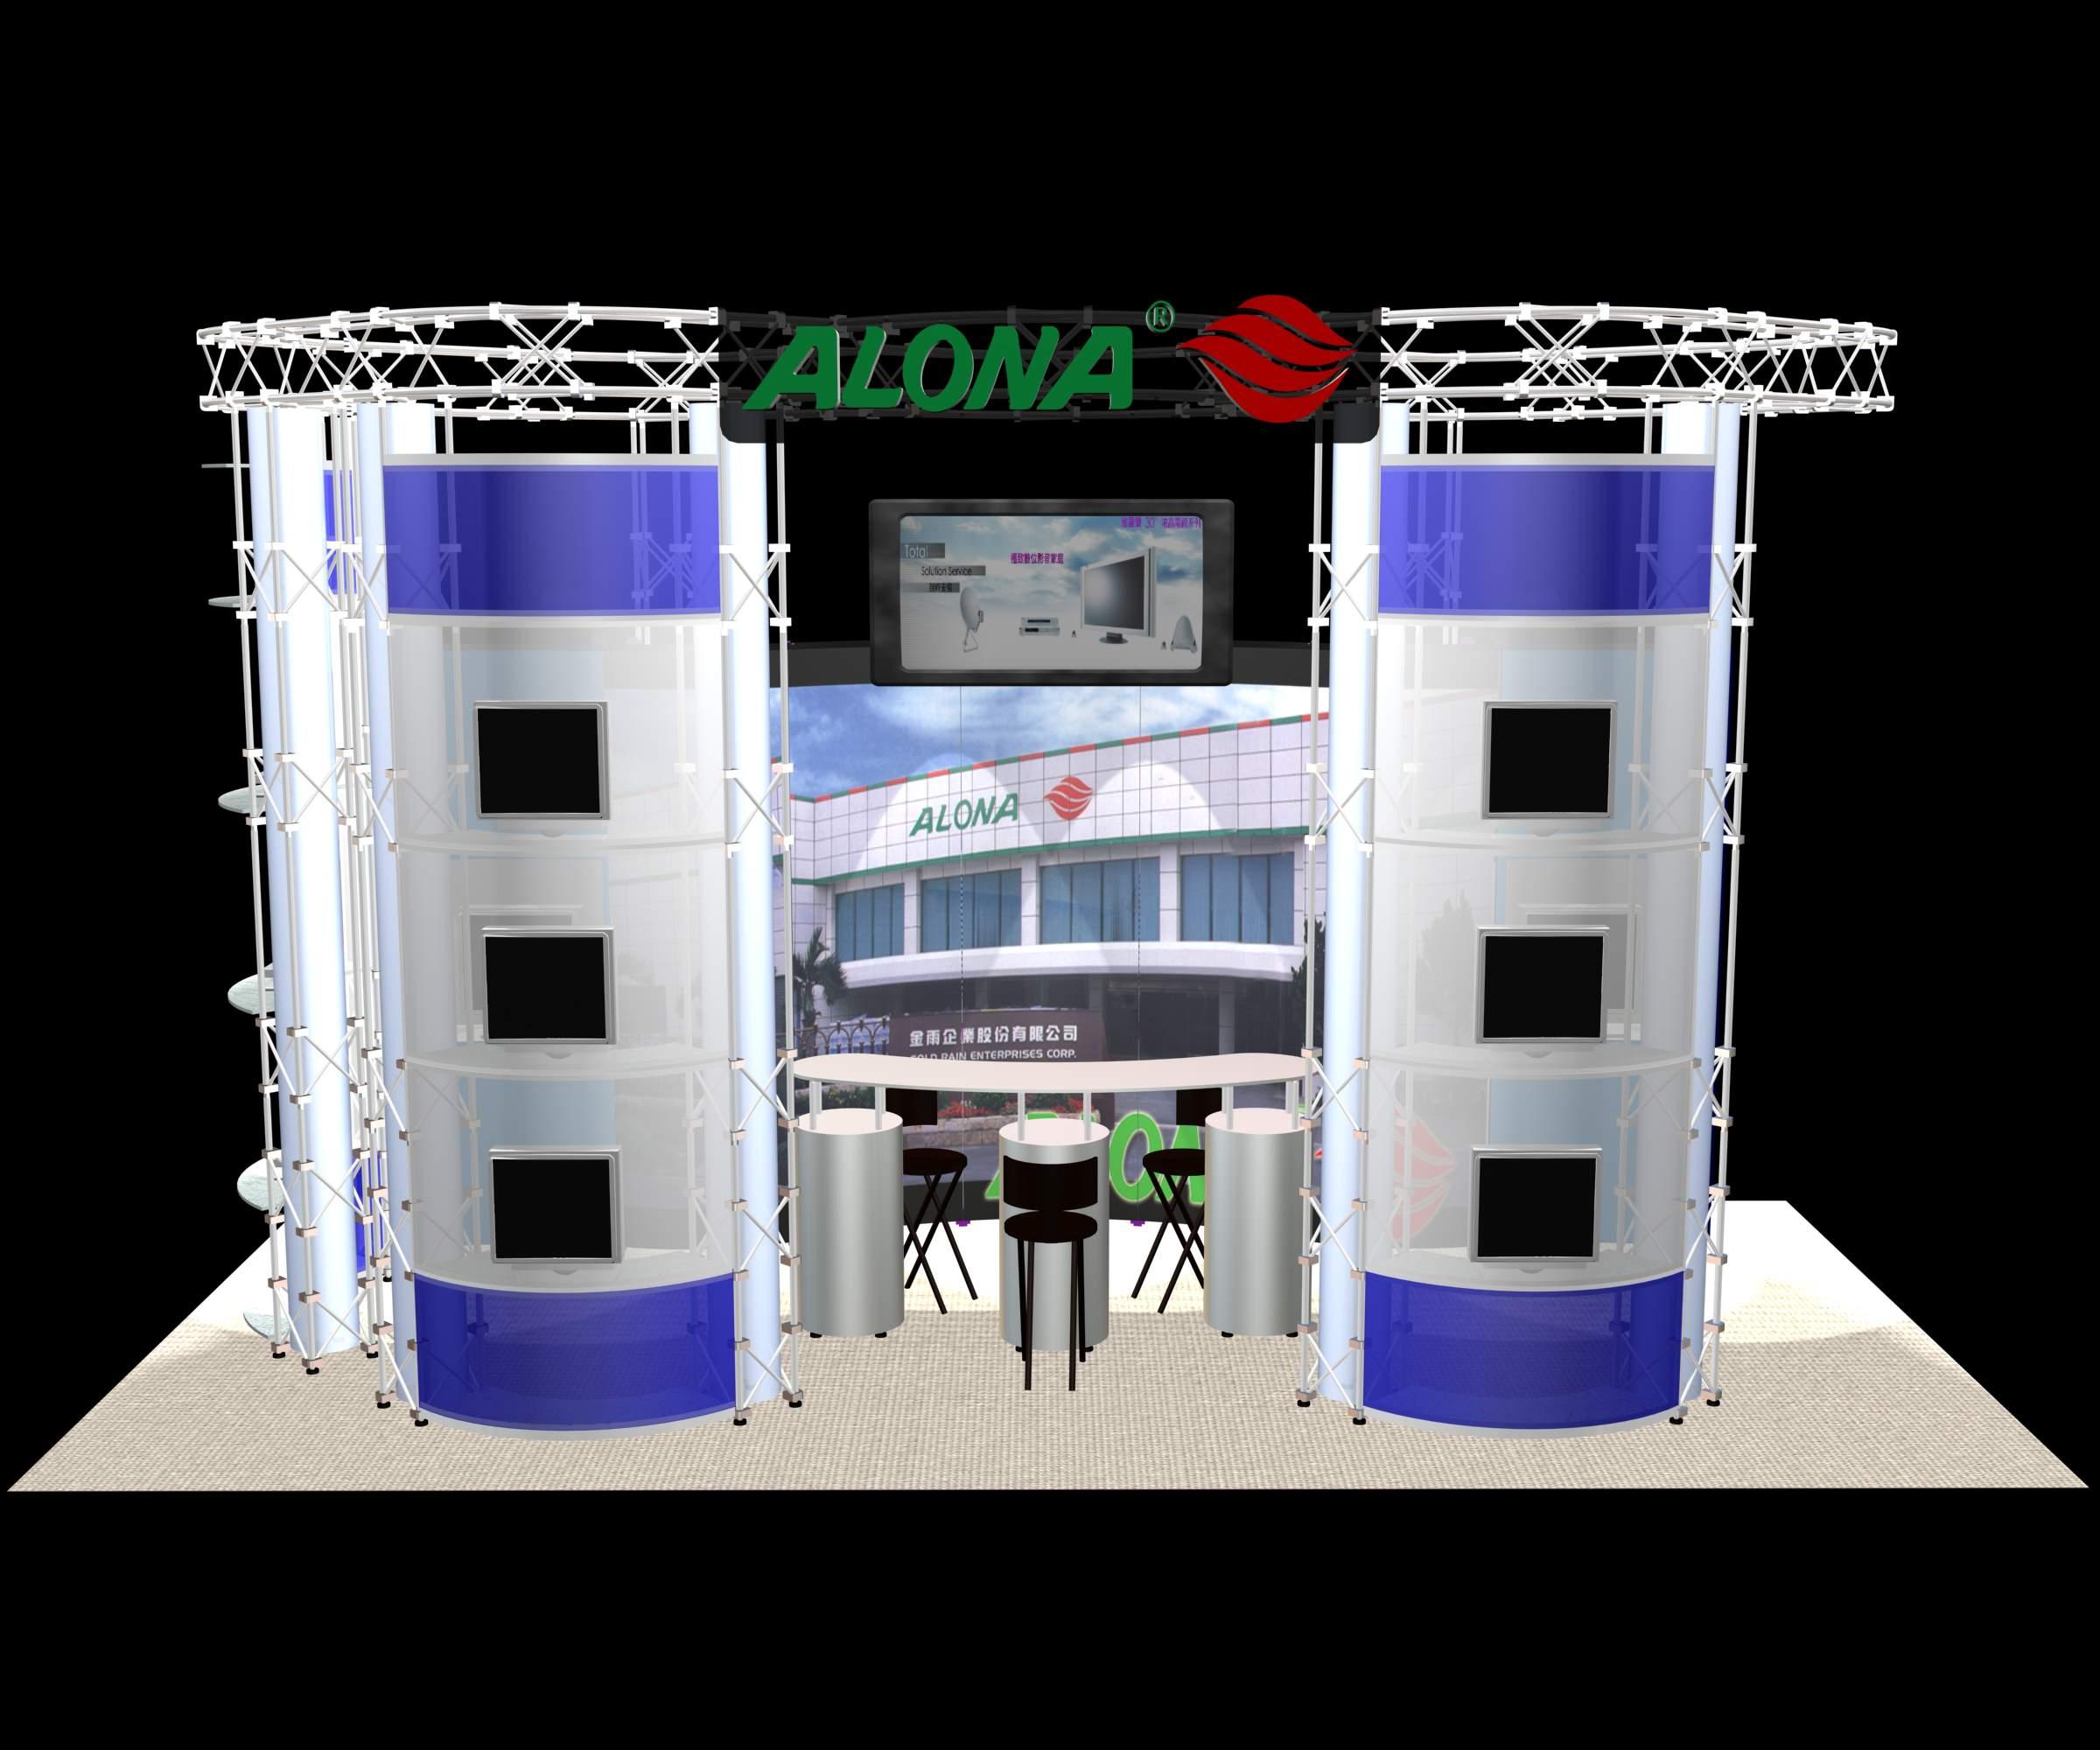 alona展位设计效果图欣赏 - 中国展览设计网|国外展台